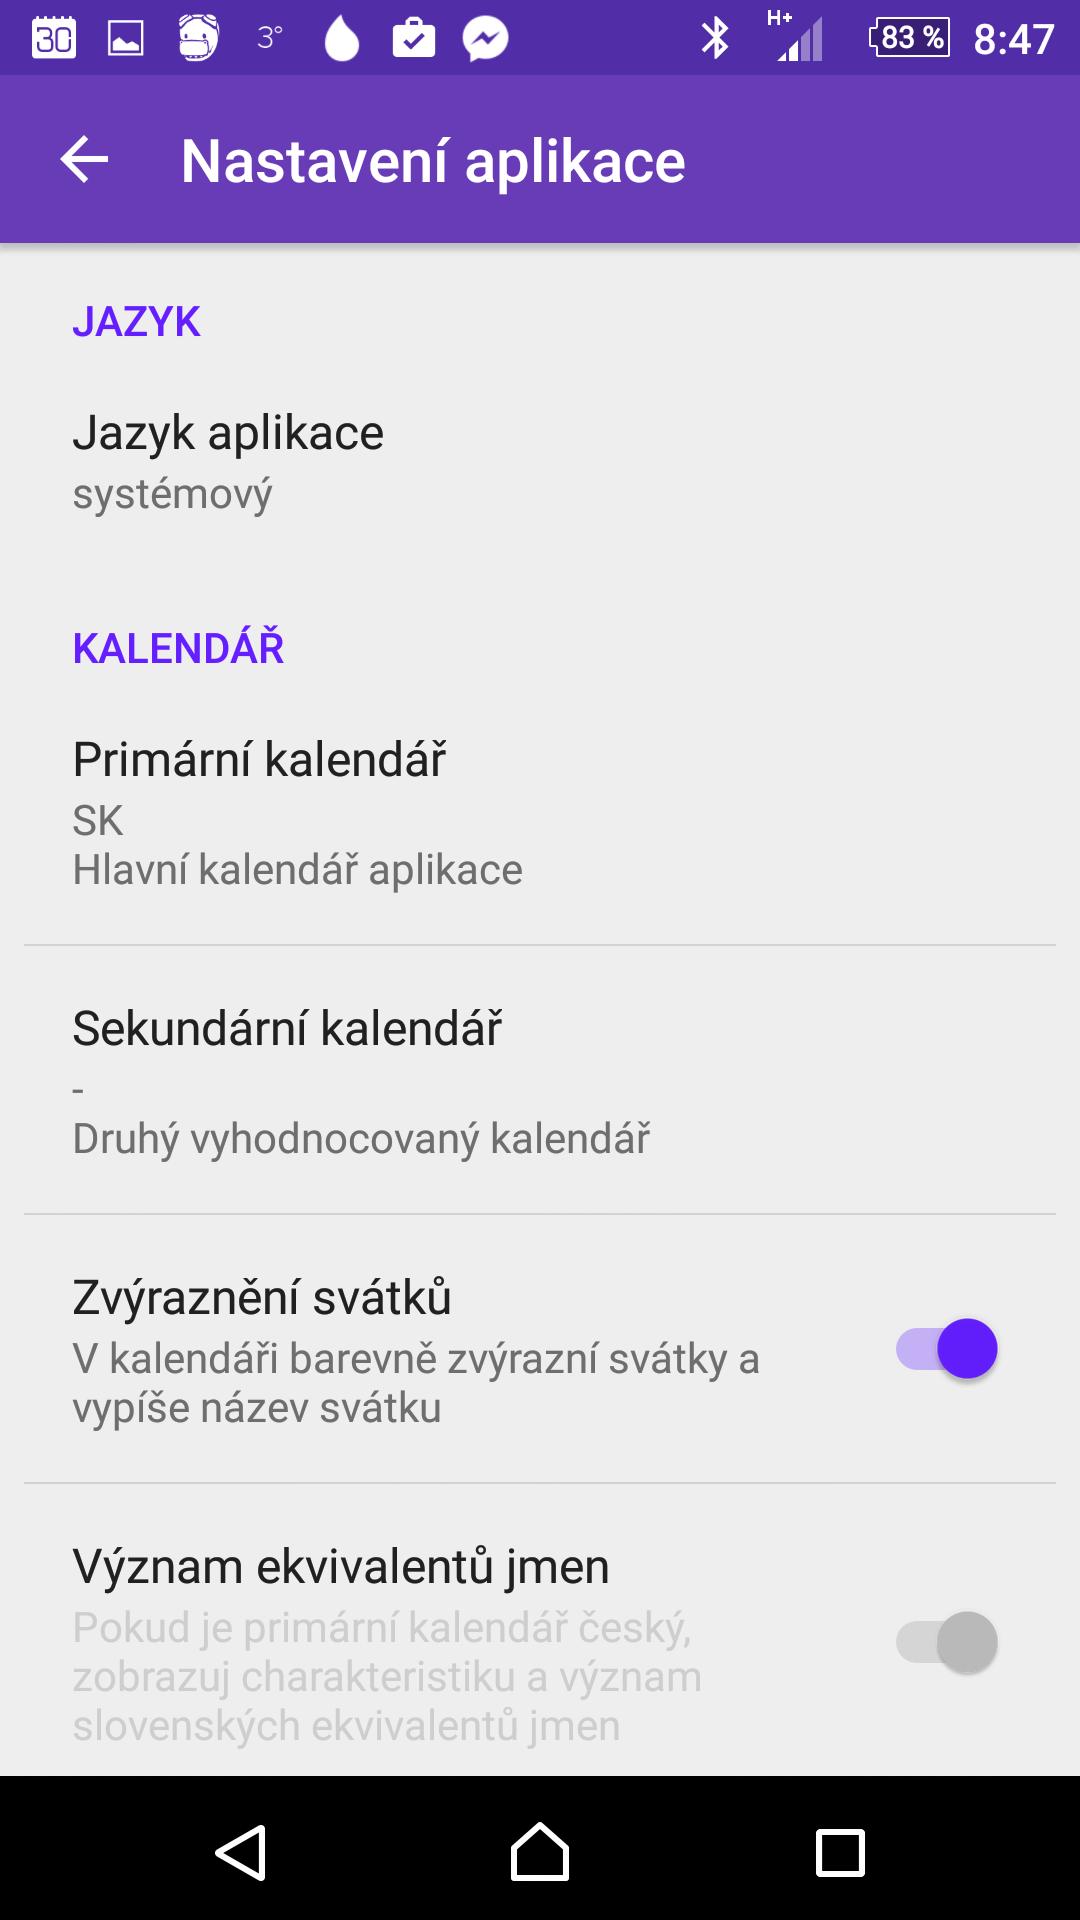 slovensky kalendar jmen Aplikace Svátky a jména z vás udělá vzorné gratulanty slovensky kalendar jmen